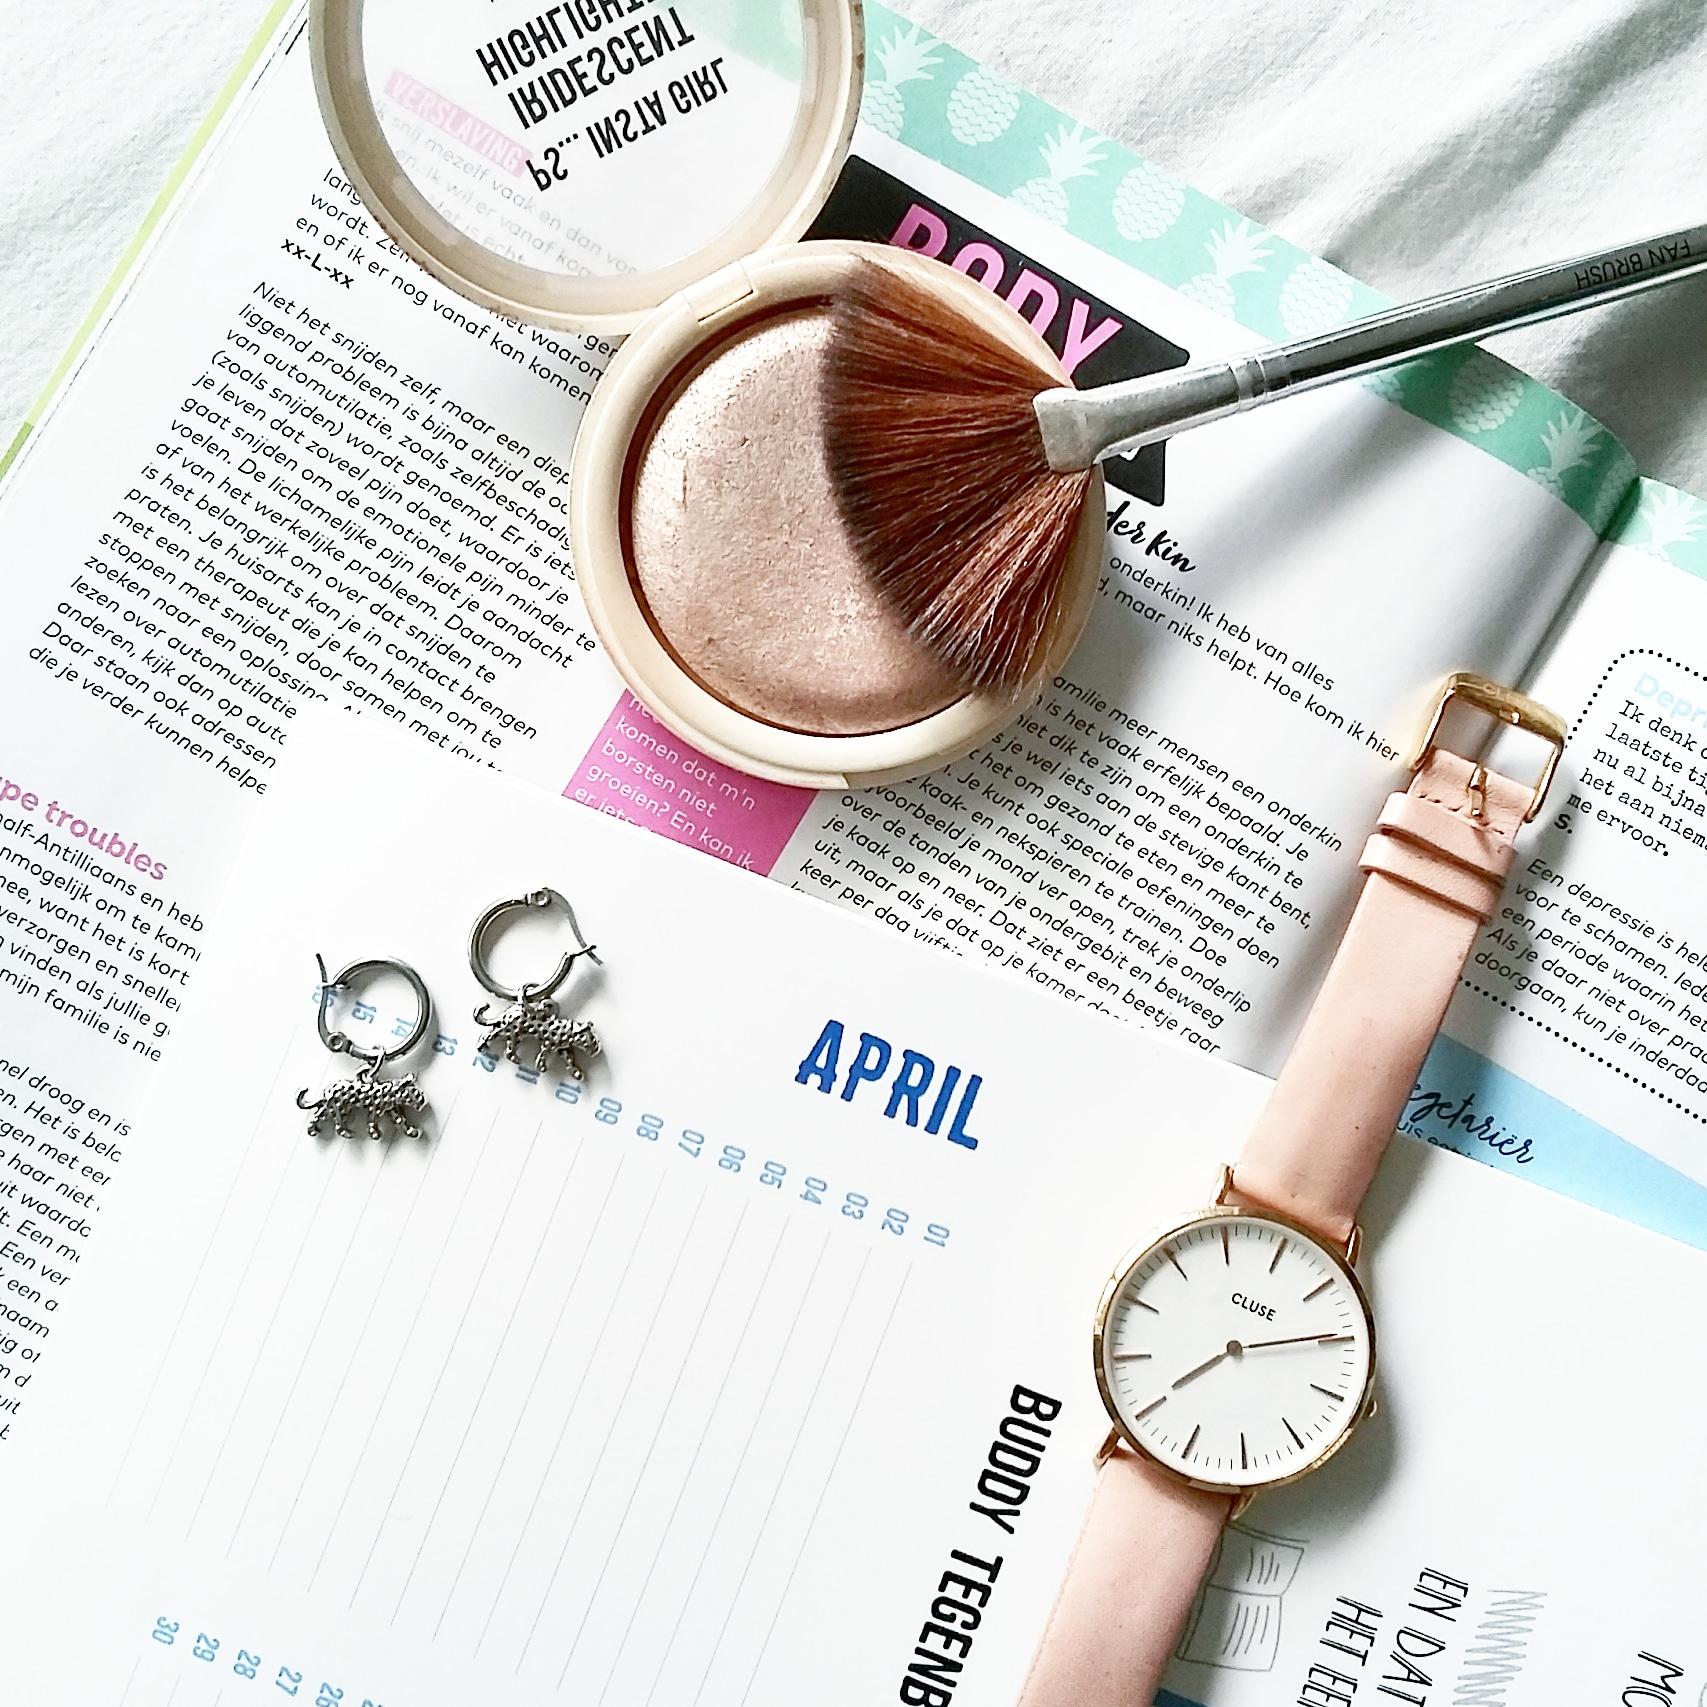 Mijn april: een 'rustige' maand!